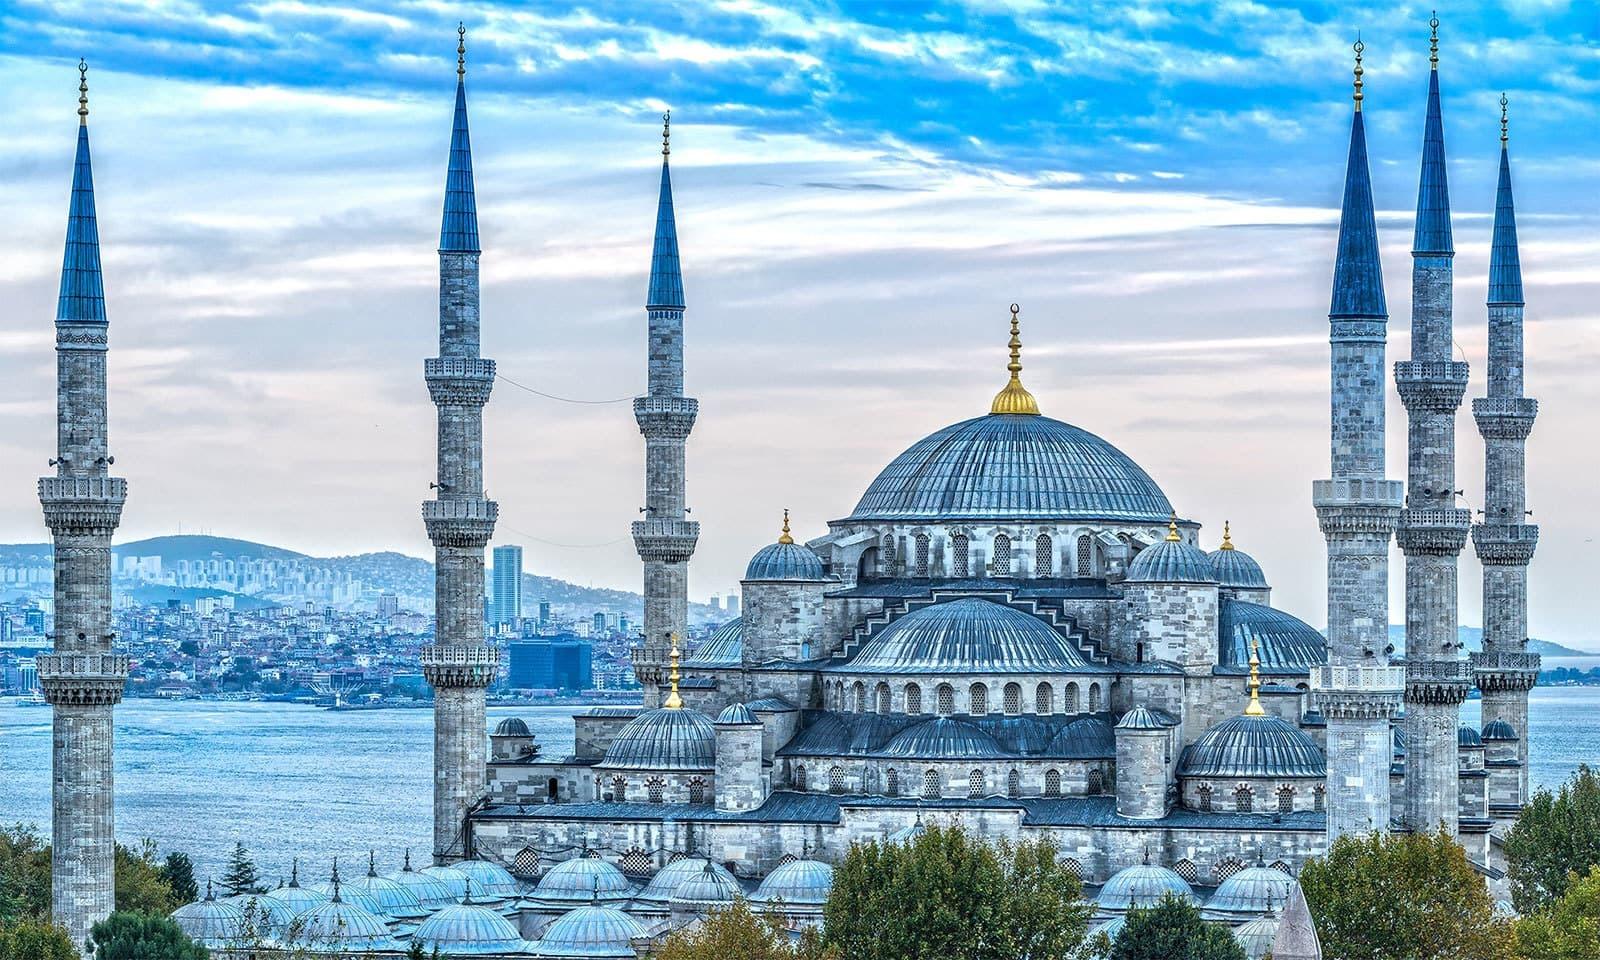 سلطان احمد مسجد، استنبول — شٹر اسٹاک فوٹو